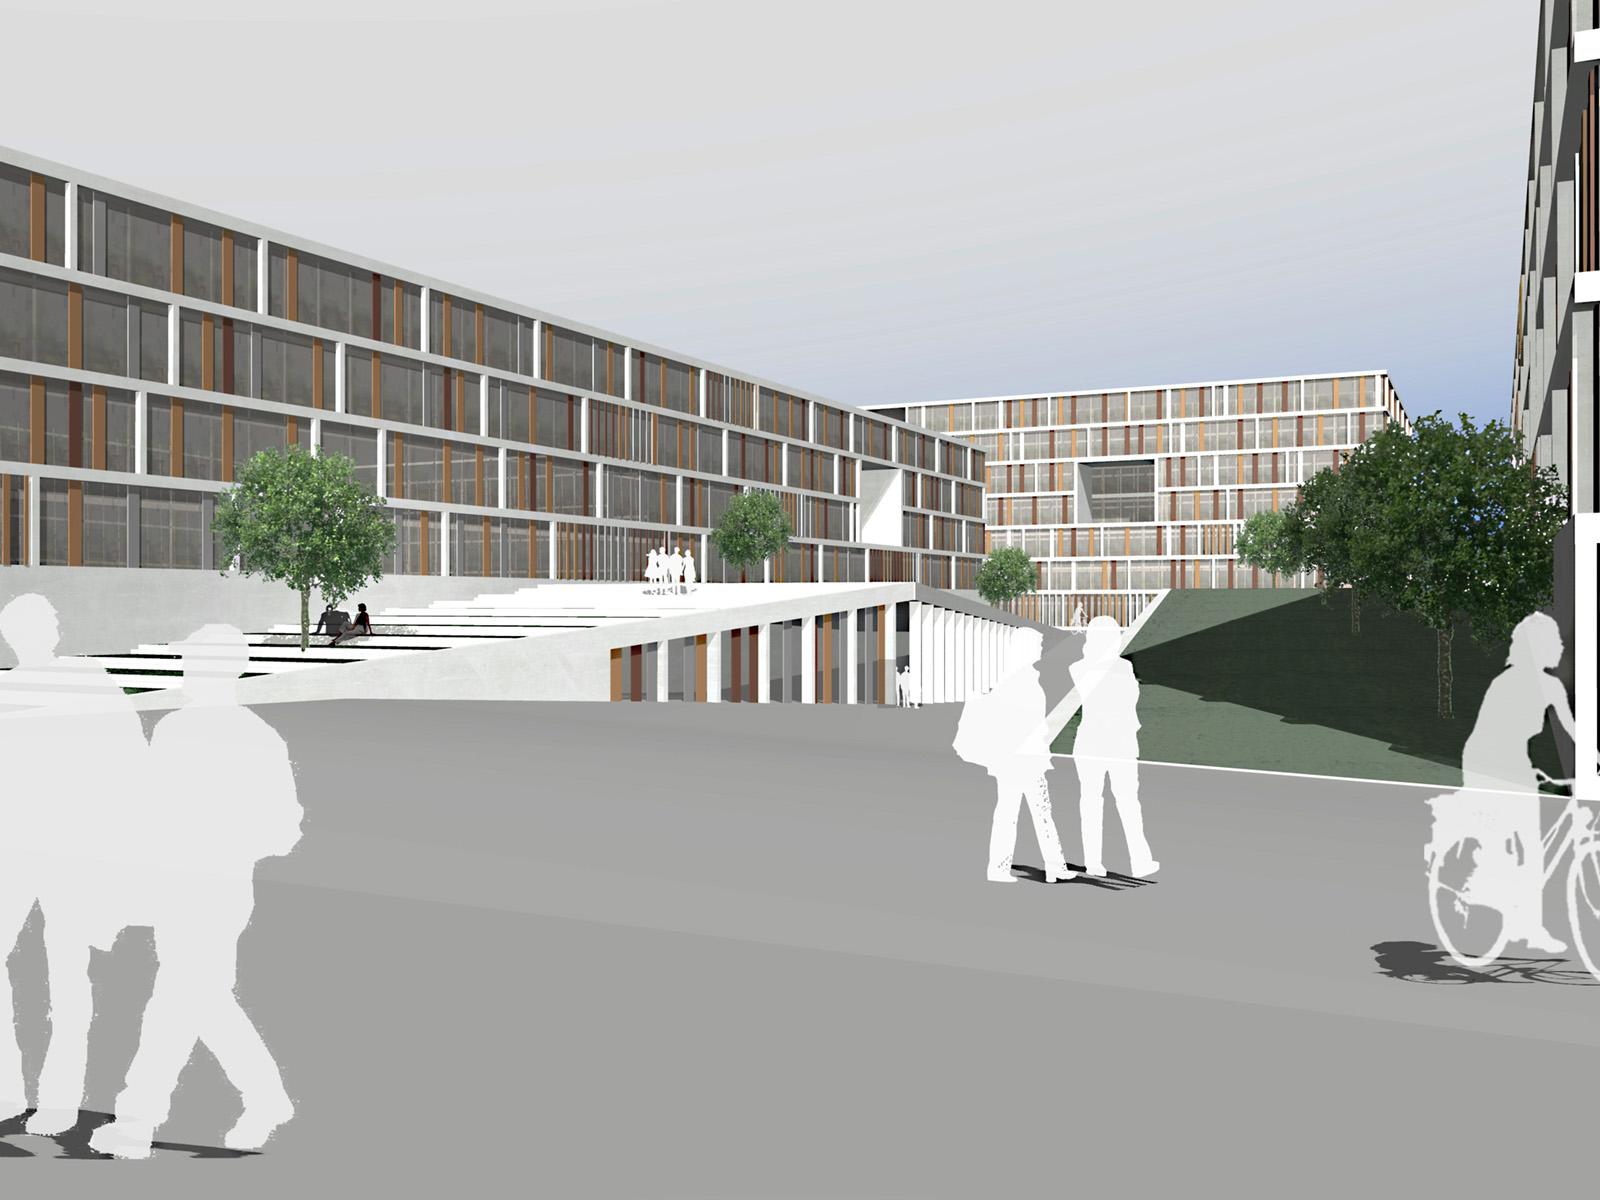 Perspektive-Wettbewerb-Steuerverwaltung-in-Muenchen-Wettbewerb-2.Preis-2008-Friedrich-Poerschke-Zwink-Architekten